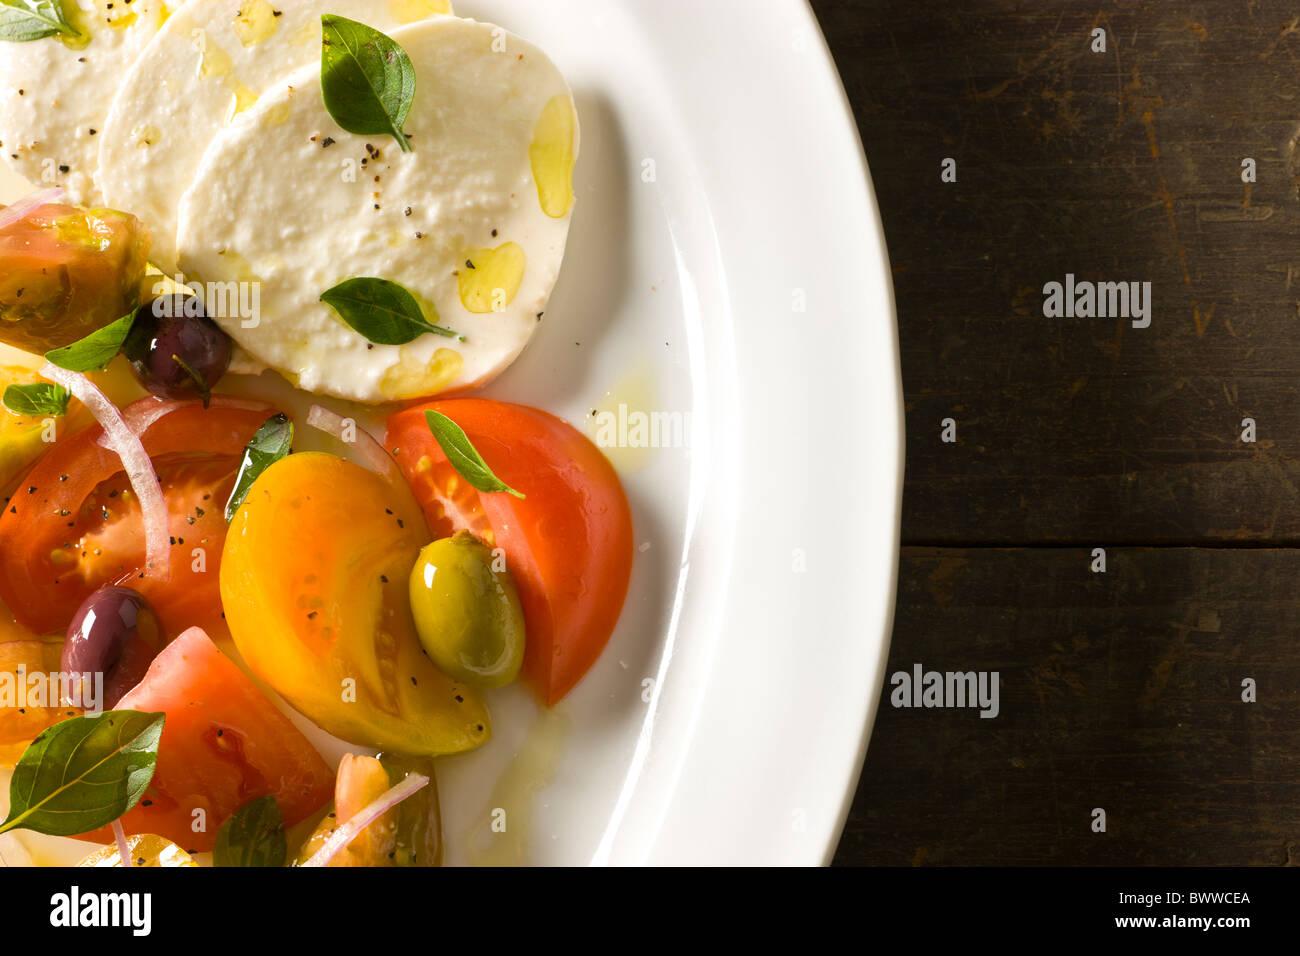 Mozzarella con tomate y variedad de olivo, aceite de oliva y orégano fresco Imagen De Stock